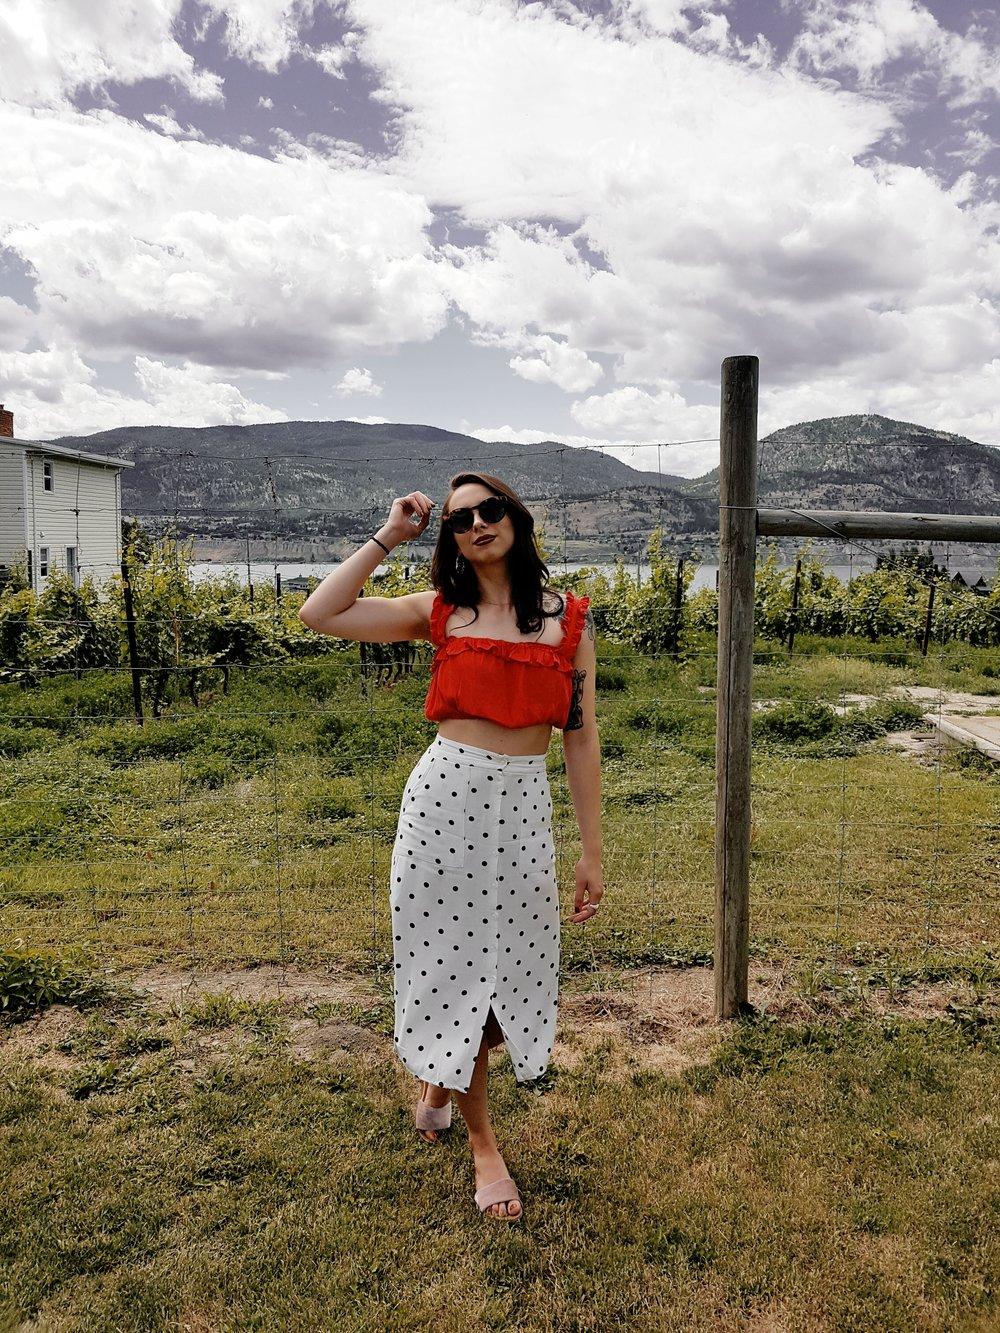 Forever 21 top, skirt and earrings, Oak+Fort sunnies, Aldo slides